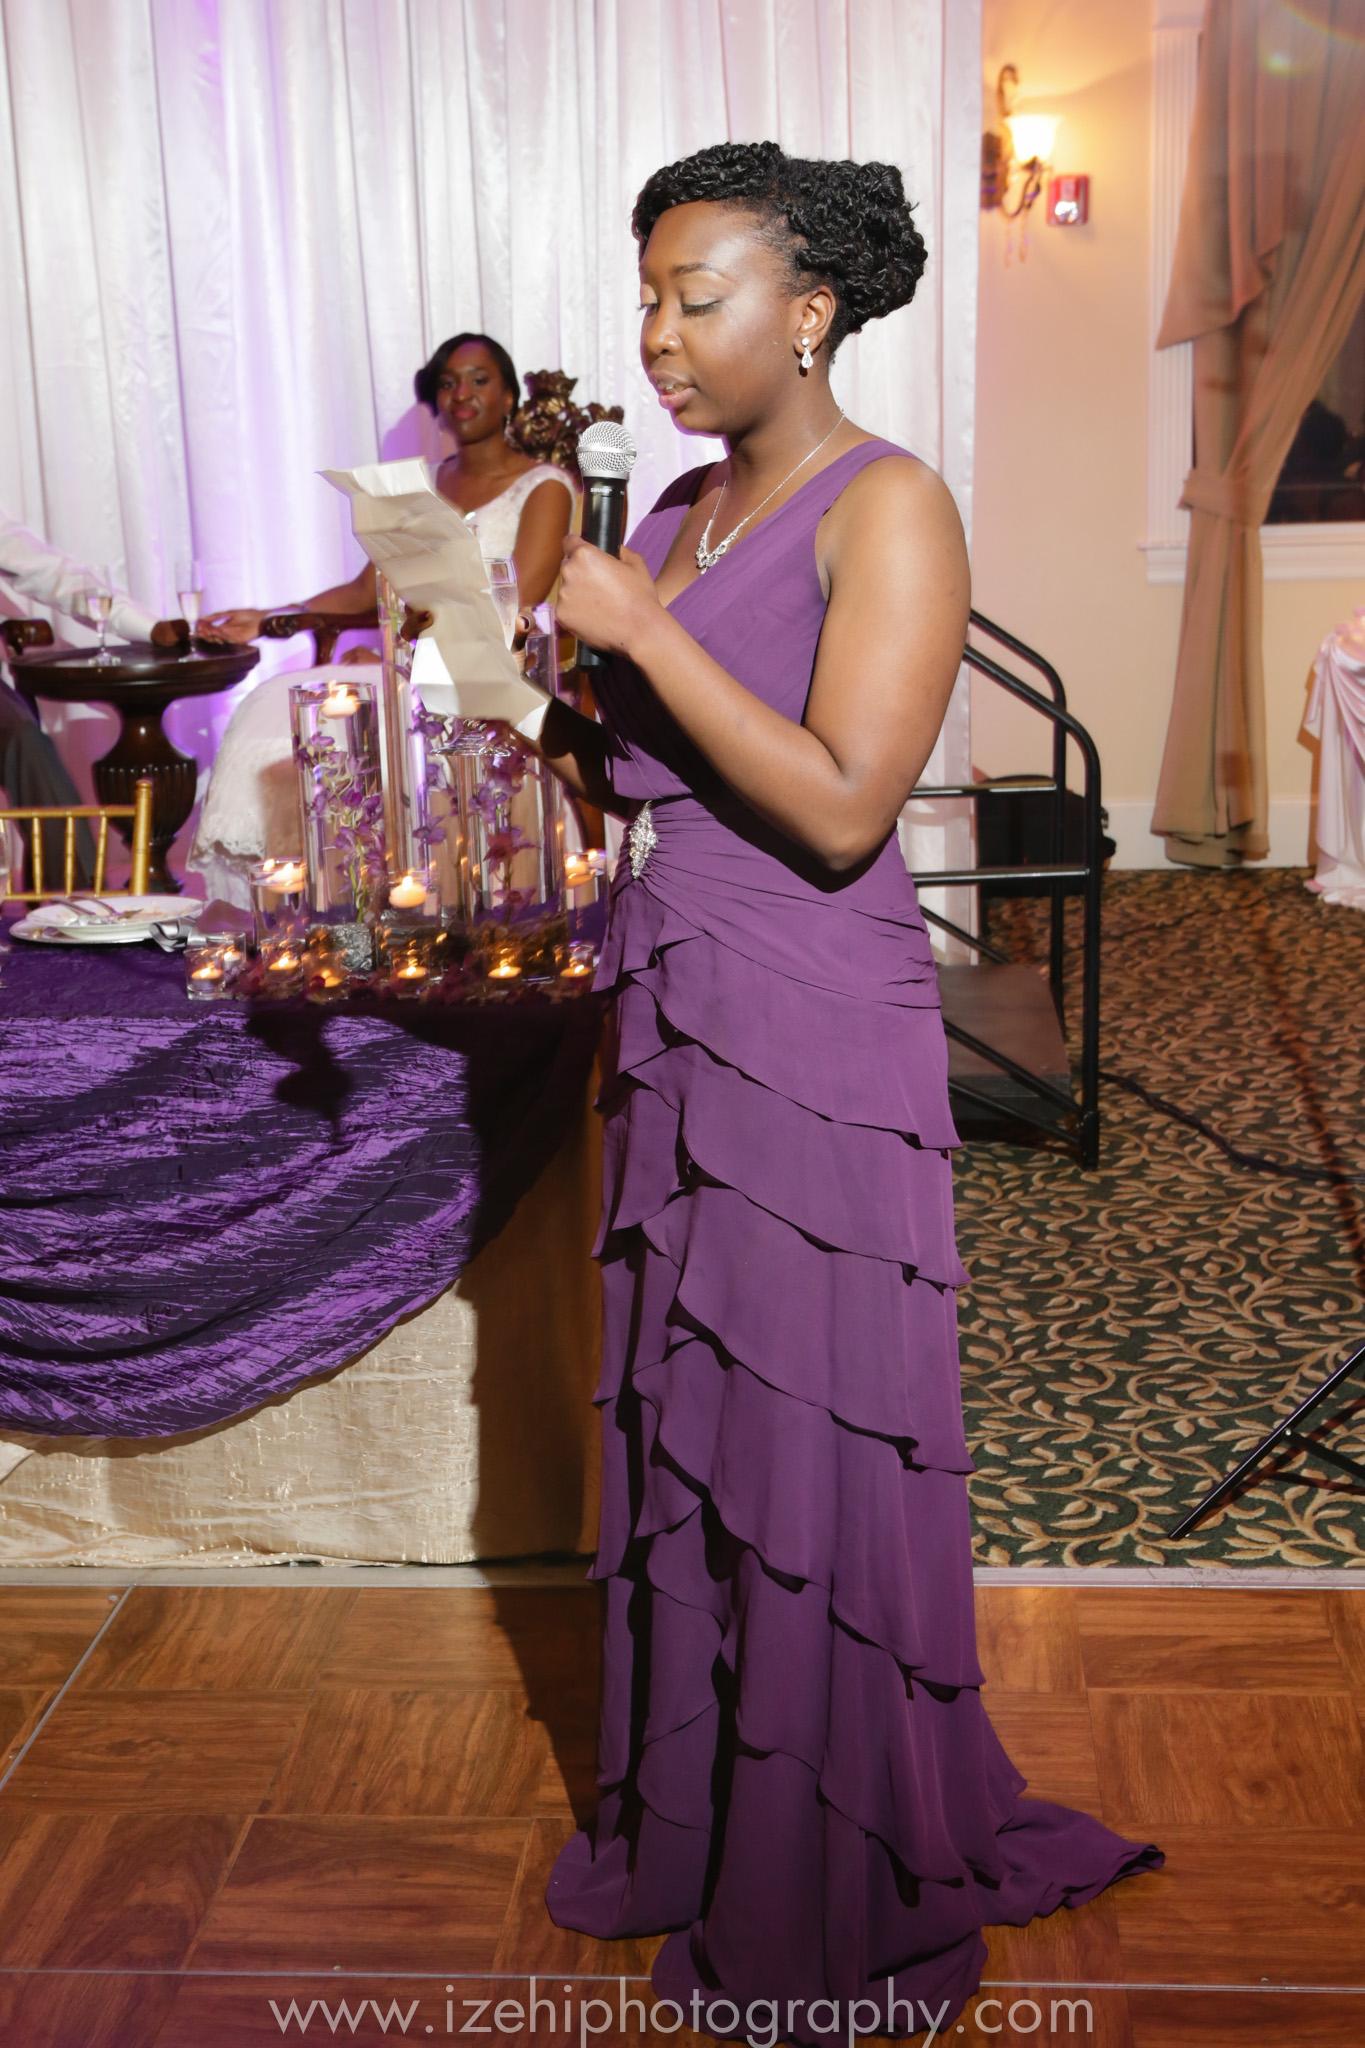 Arlington TX Mediterranean Villa Nigerian Wedding -164.jpg